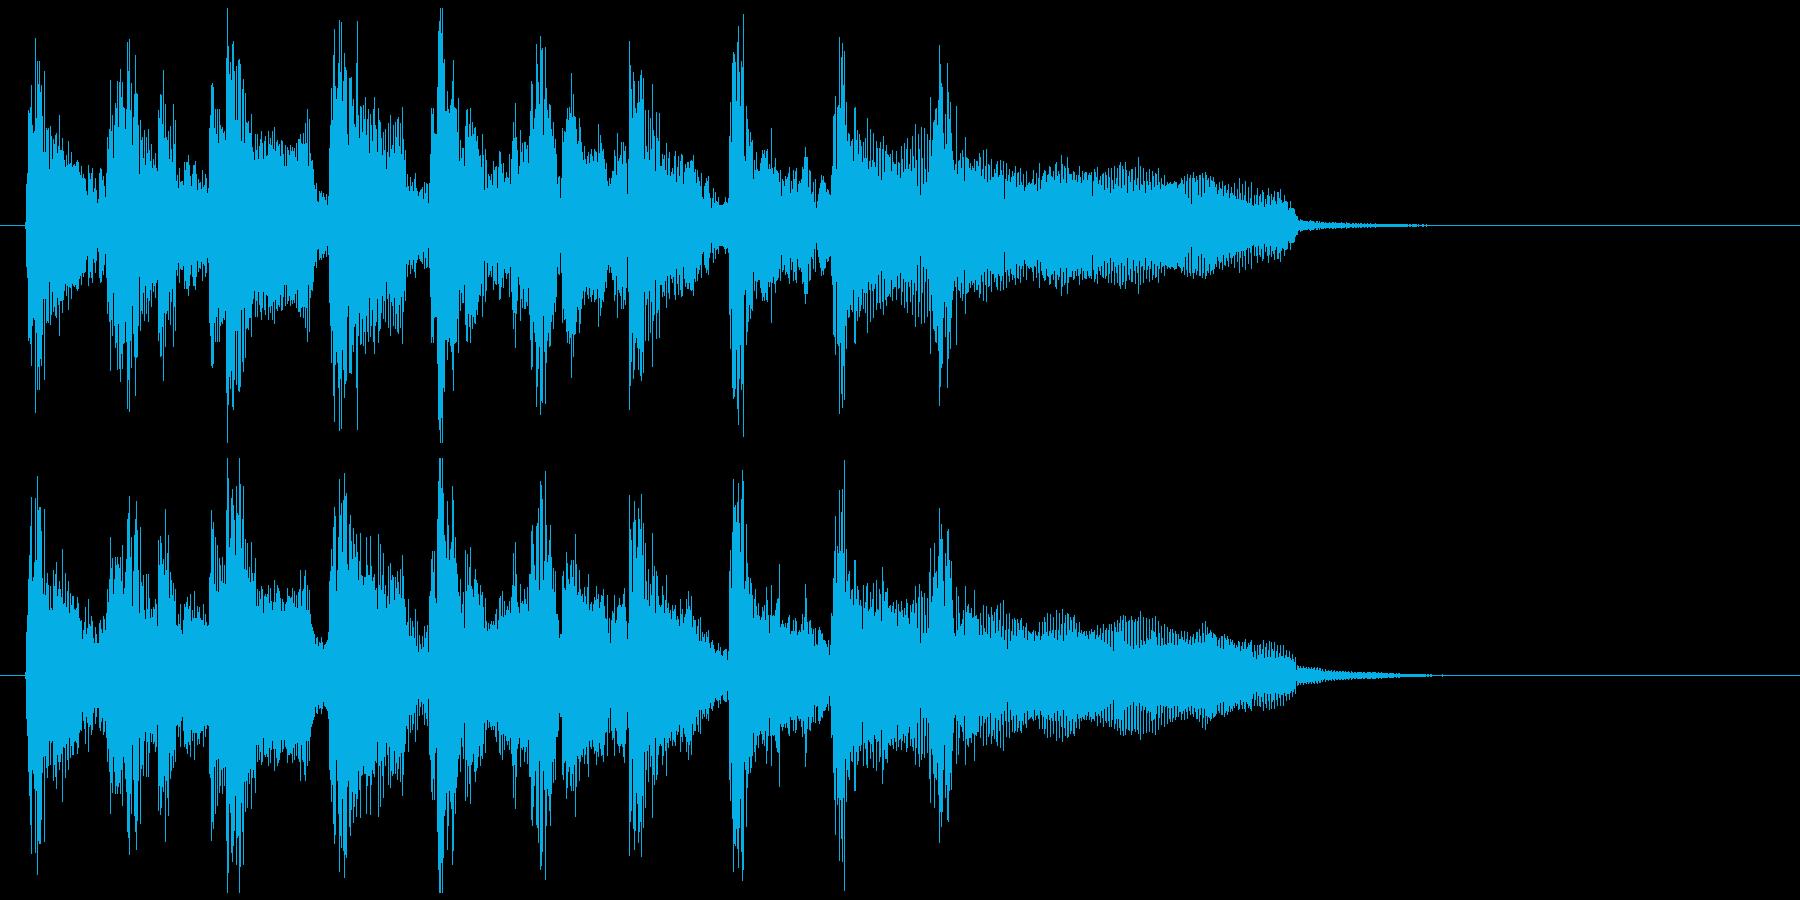 サンバ系フュージョン、サックスのジングルの再生済みの波形